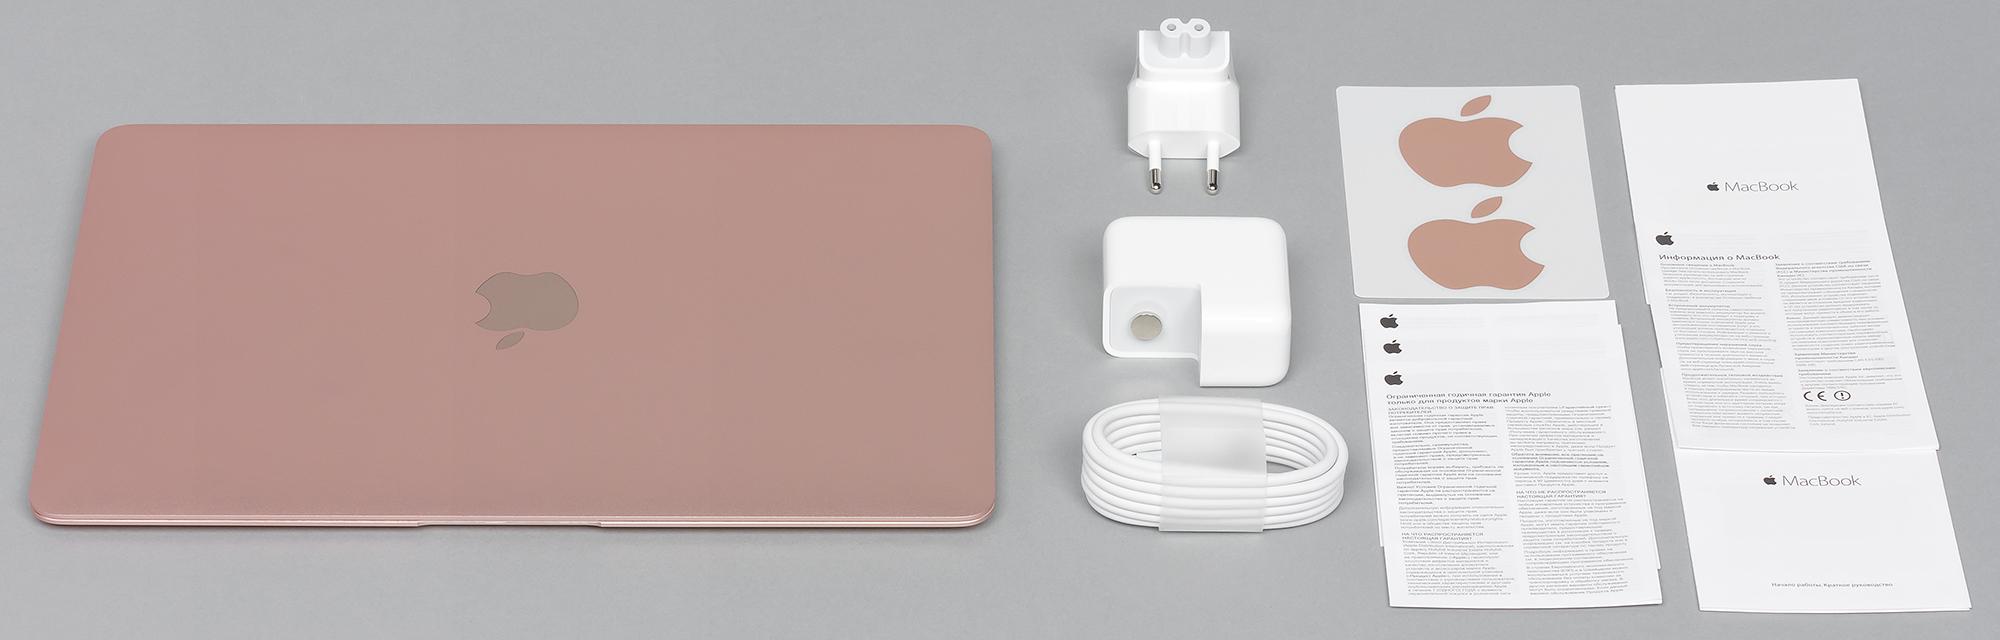 Обзор 12-дюймового MacBook (2016) - комплект поставки (2)